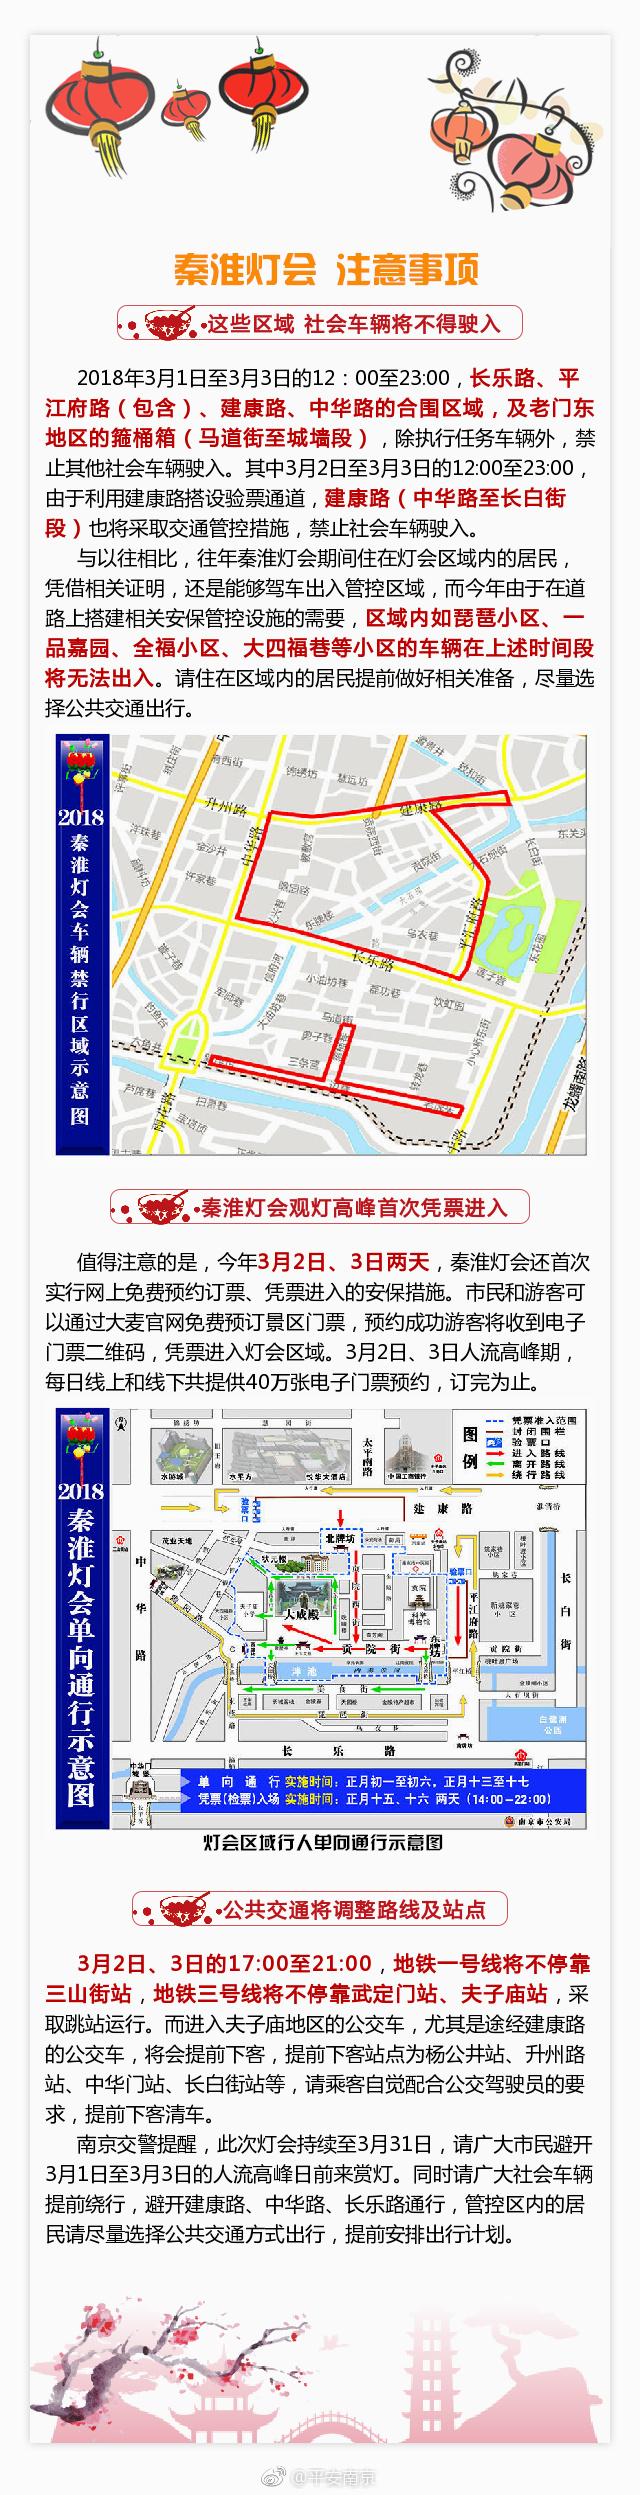 2018南京秦淮灯会交通管制线路图